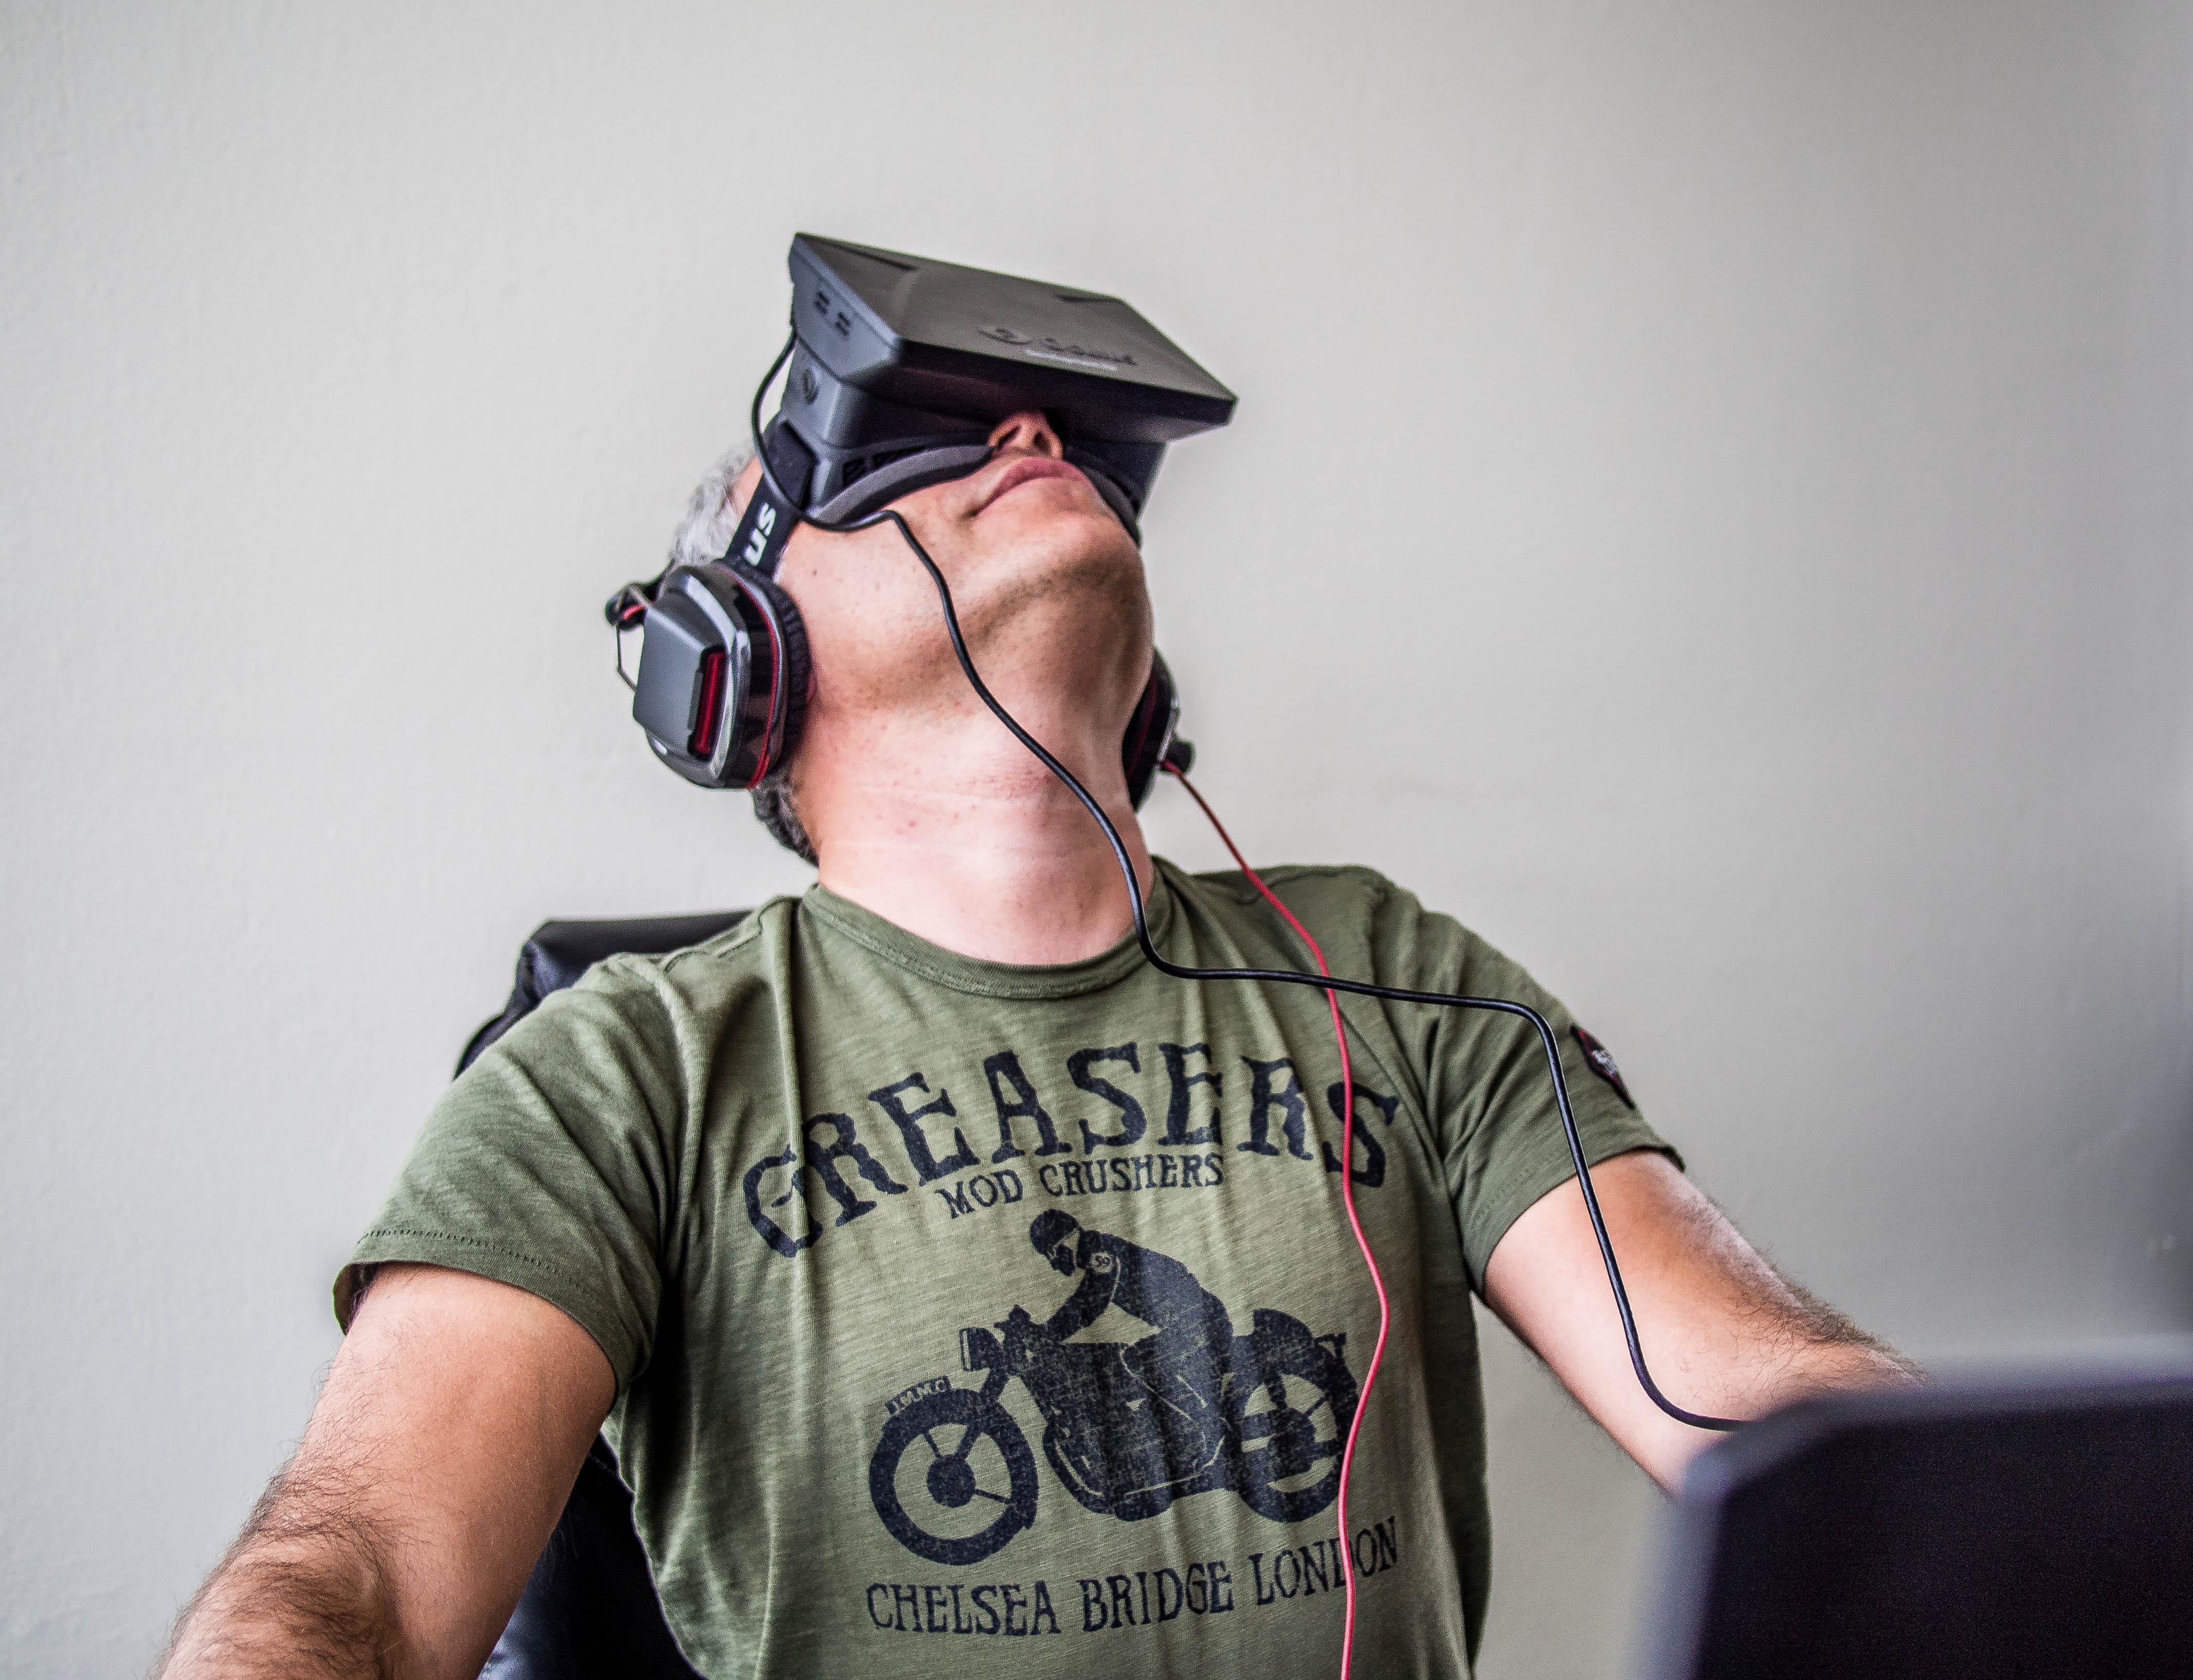 Oculus Rift sine bruksvilkår er kanskje i overkant strenge?